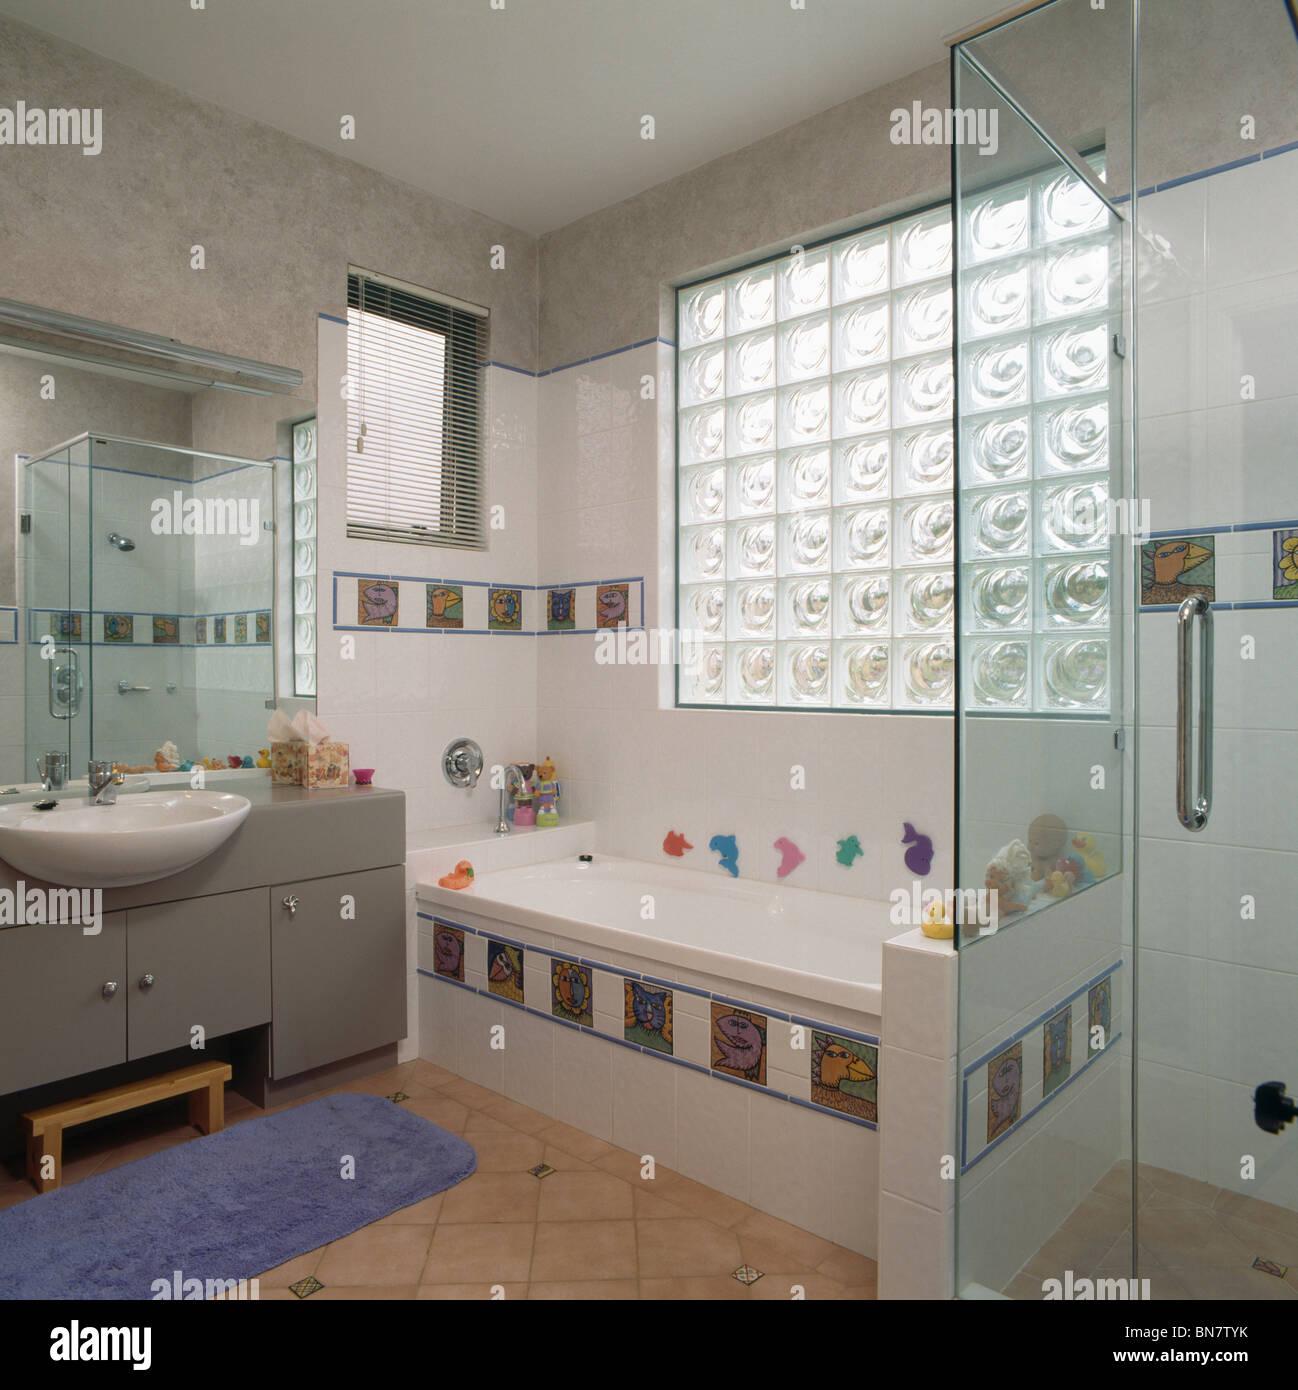 Salle De Bain Famille brique de verre fenêtre au-dessus de baignoire avec